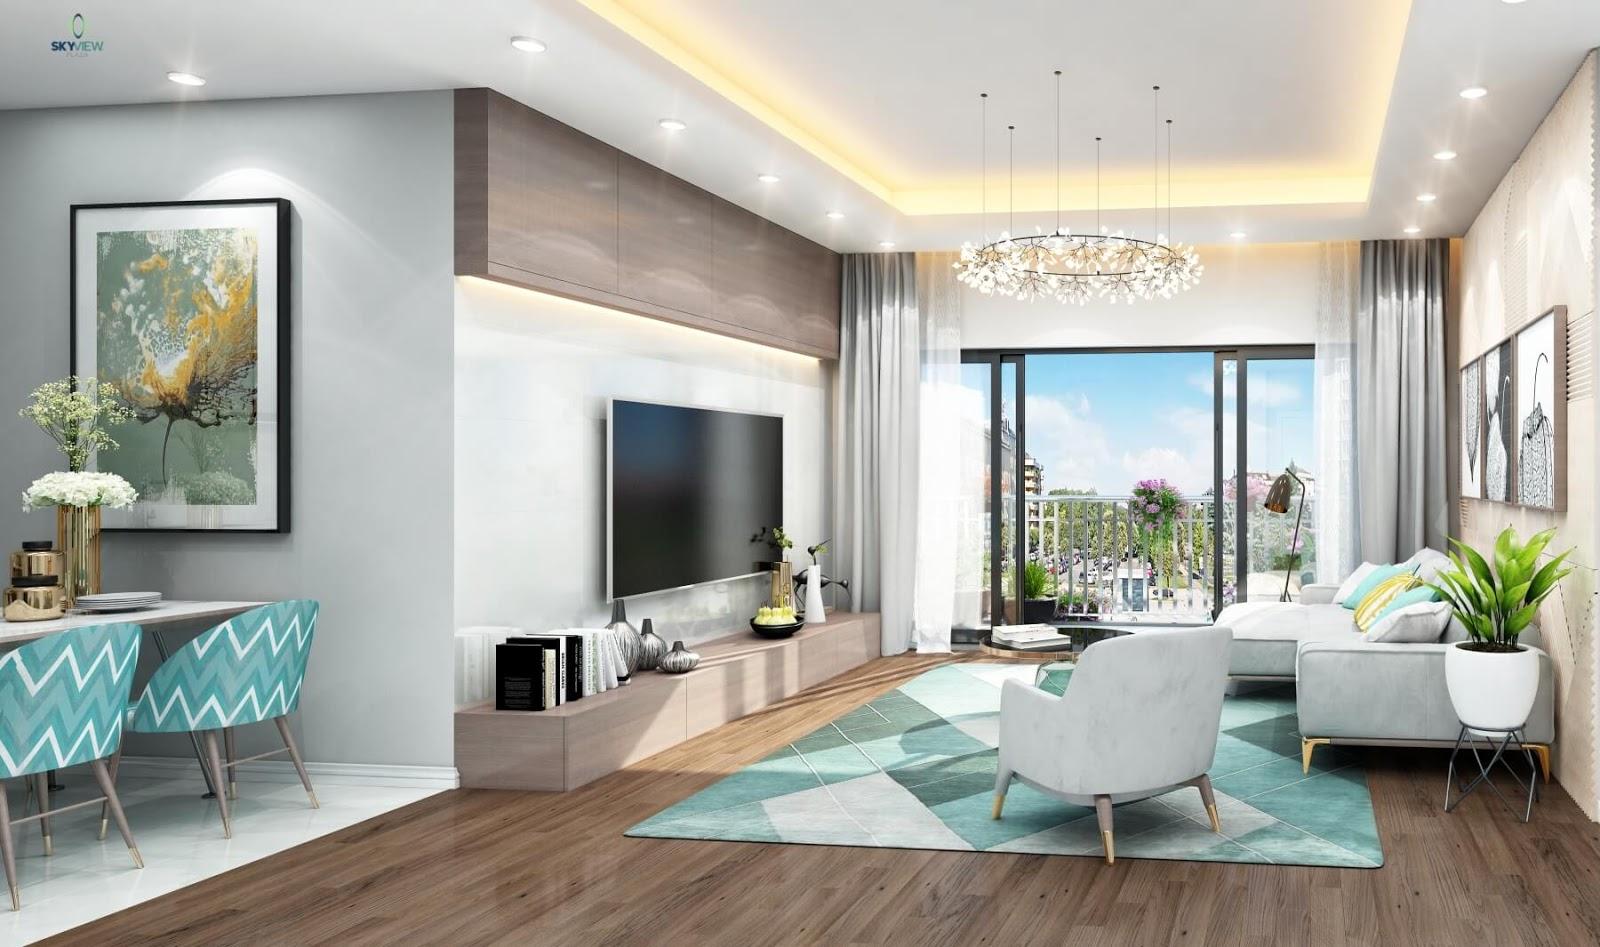 Thiết kế nội thất căn hộ Sky View Plaza Giải Phóng